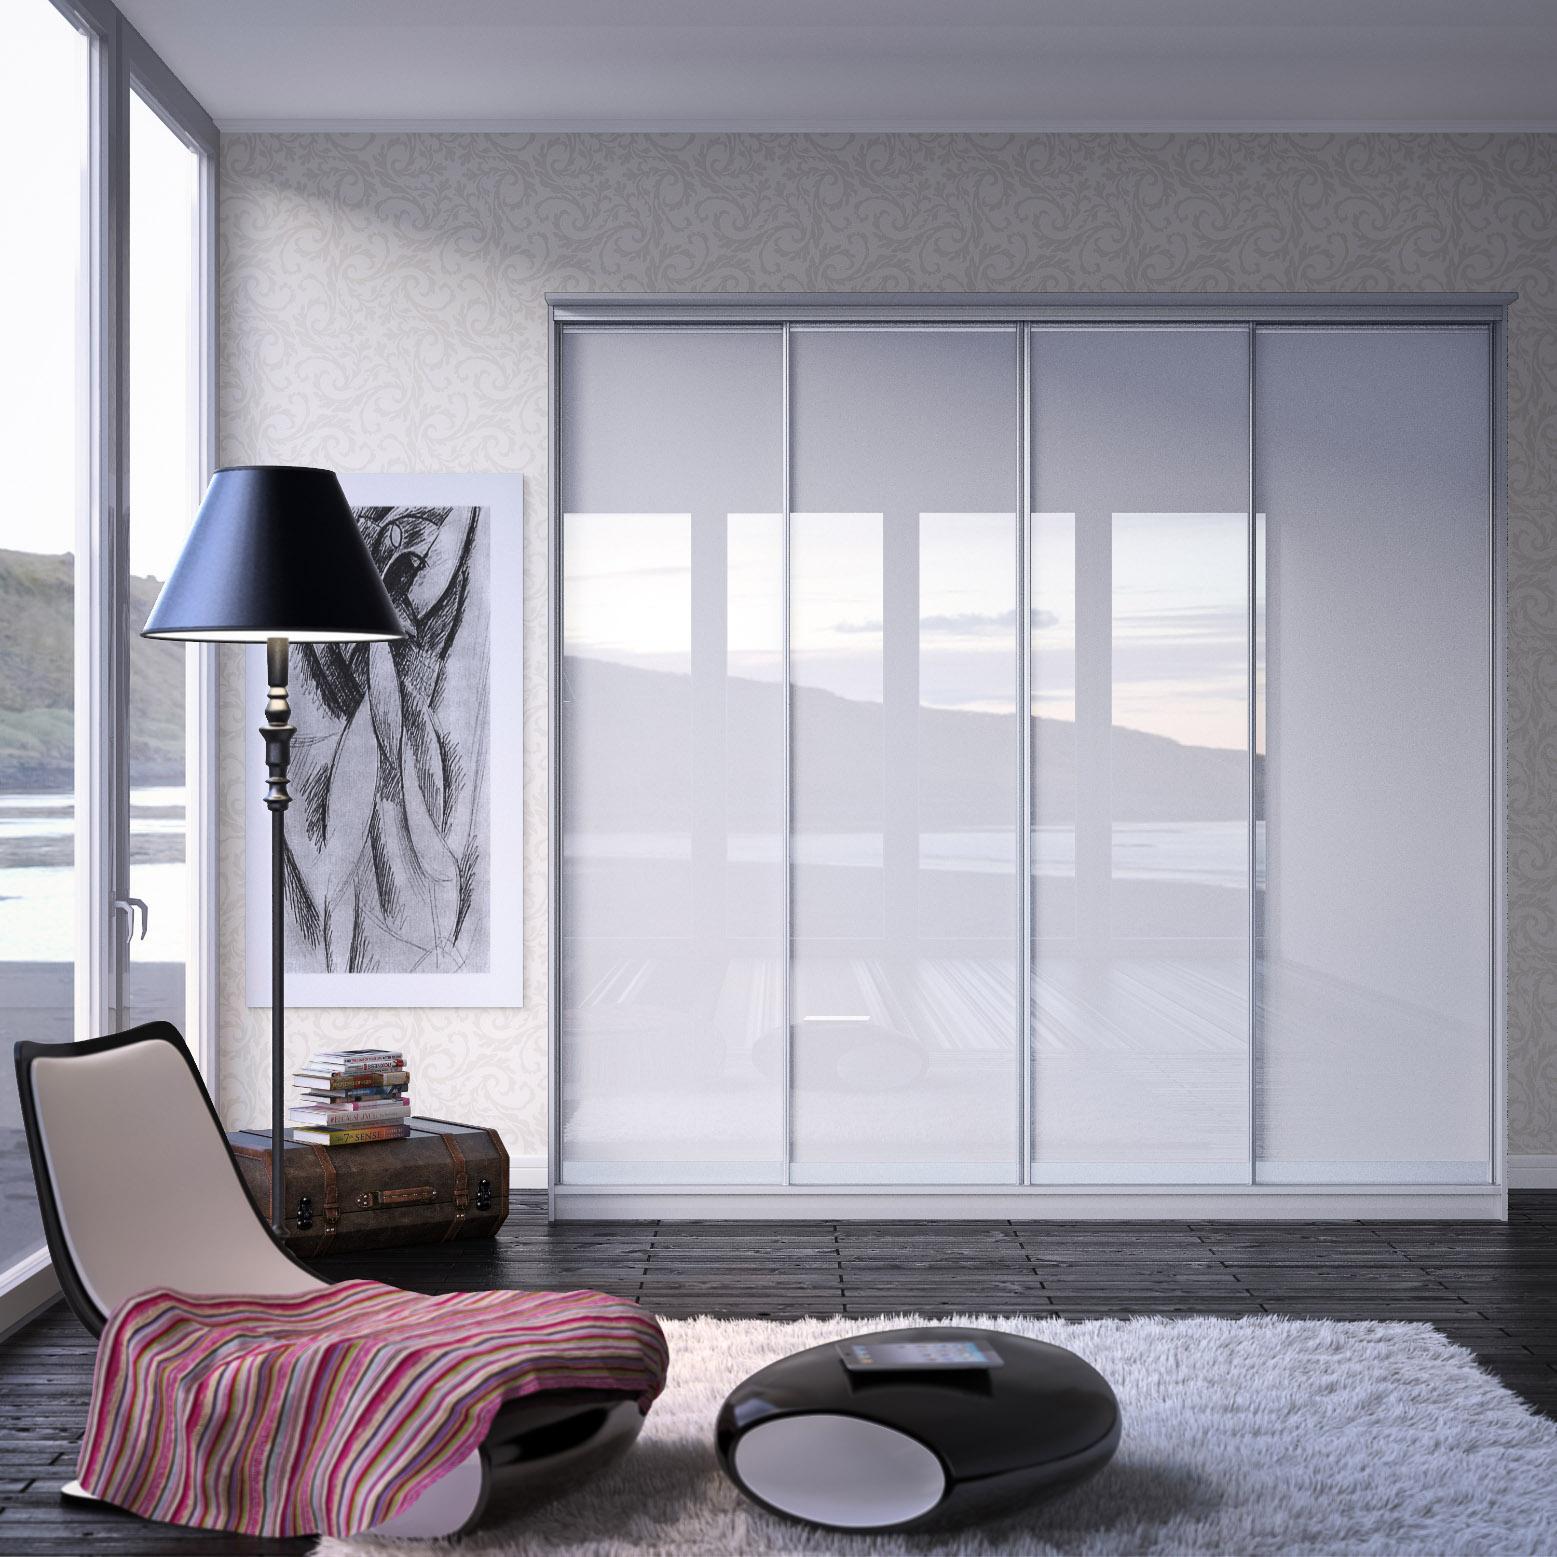 Шкаф с раздвижными дверями из белого глянцевого стекла